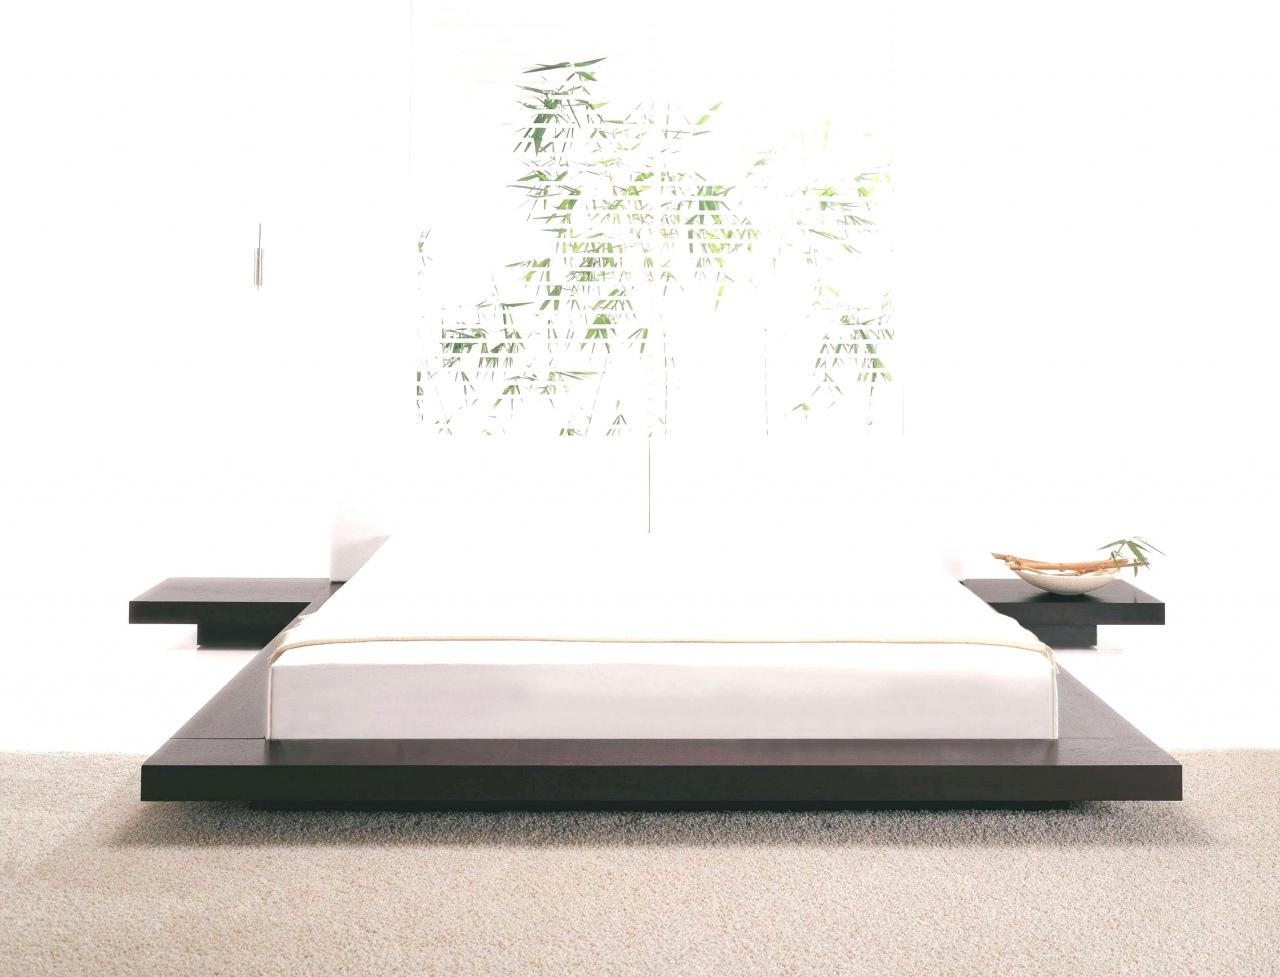 sculpture logo design einzelbett 90 200 luxus ikea malm bett schon japanisches bett 0d of sculpture logo design